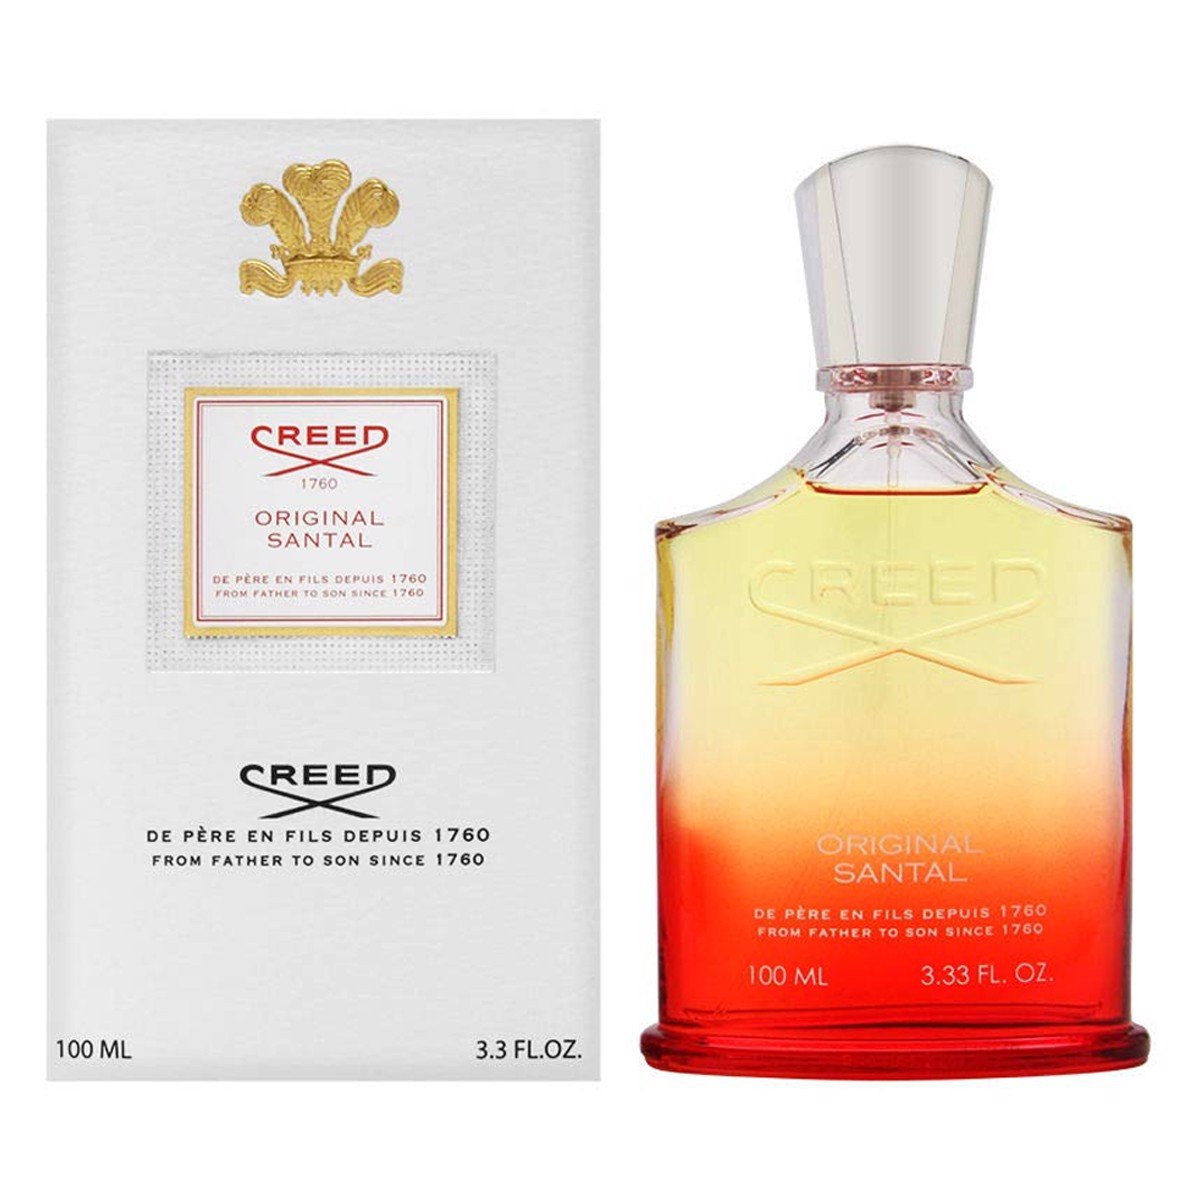 Creed Original Santal 100ml